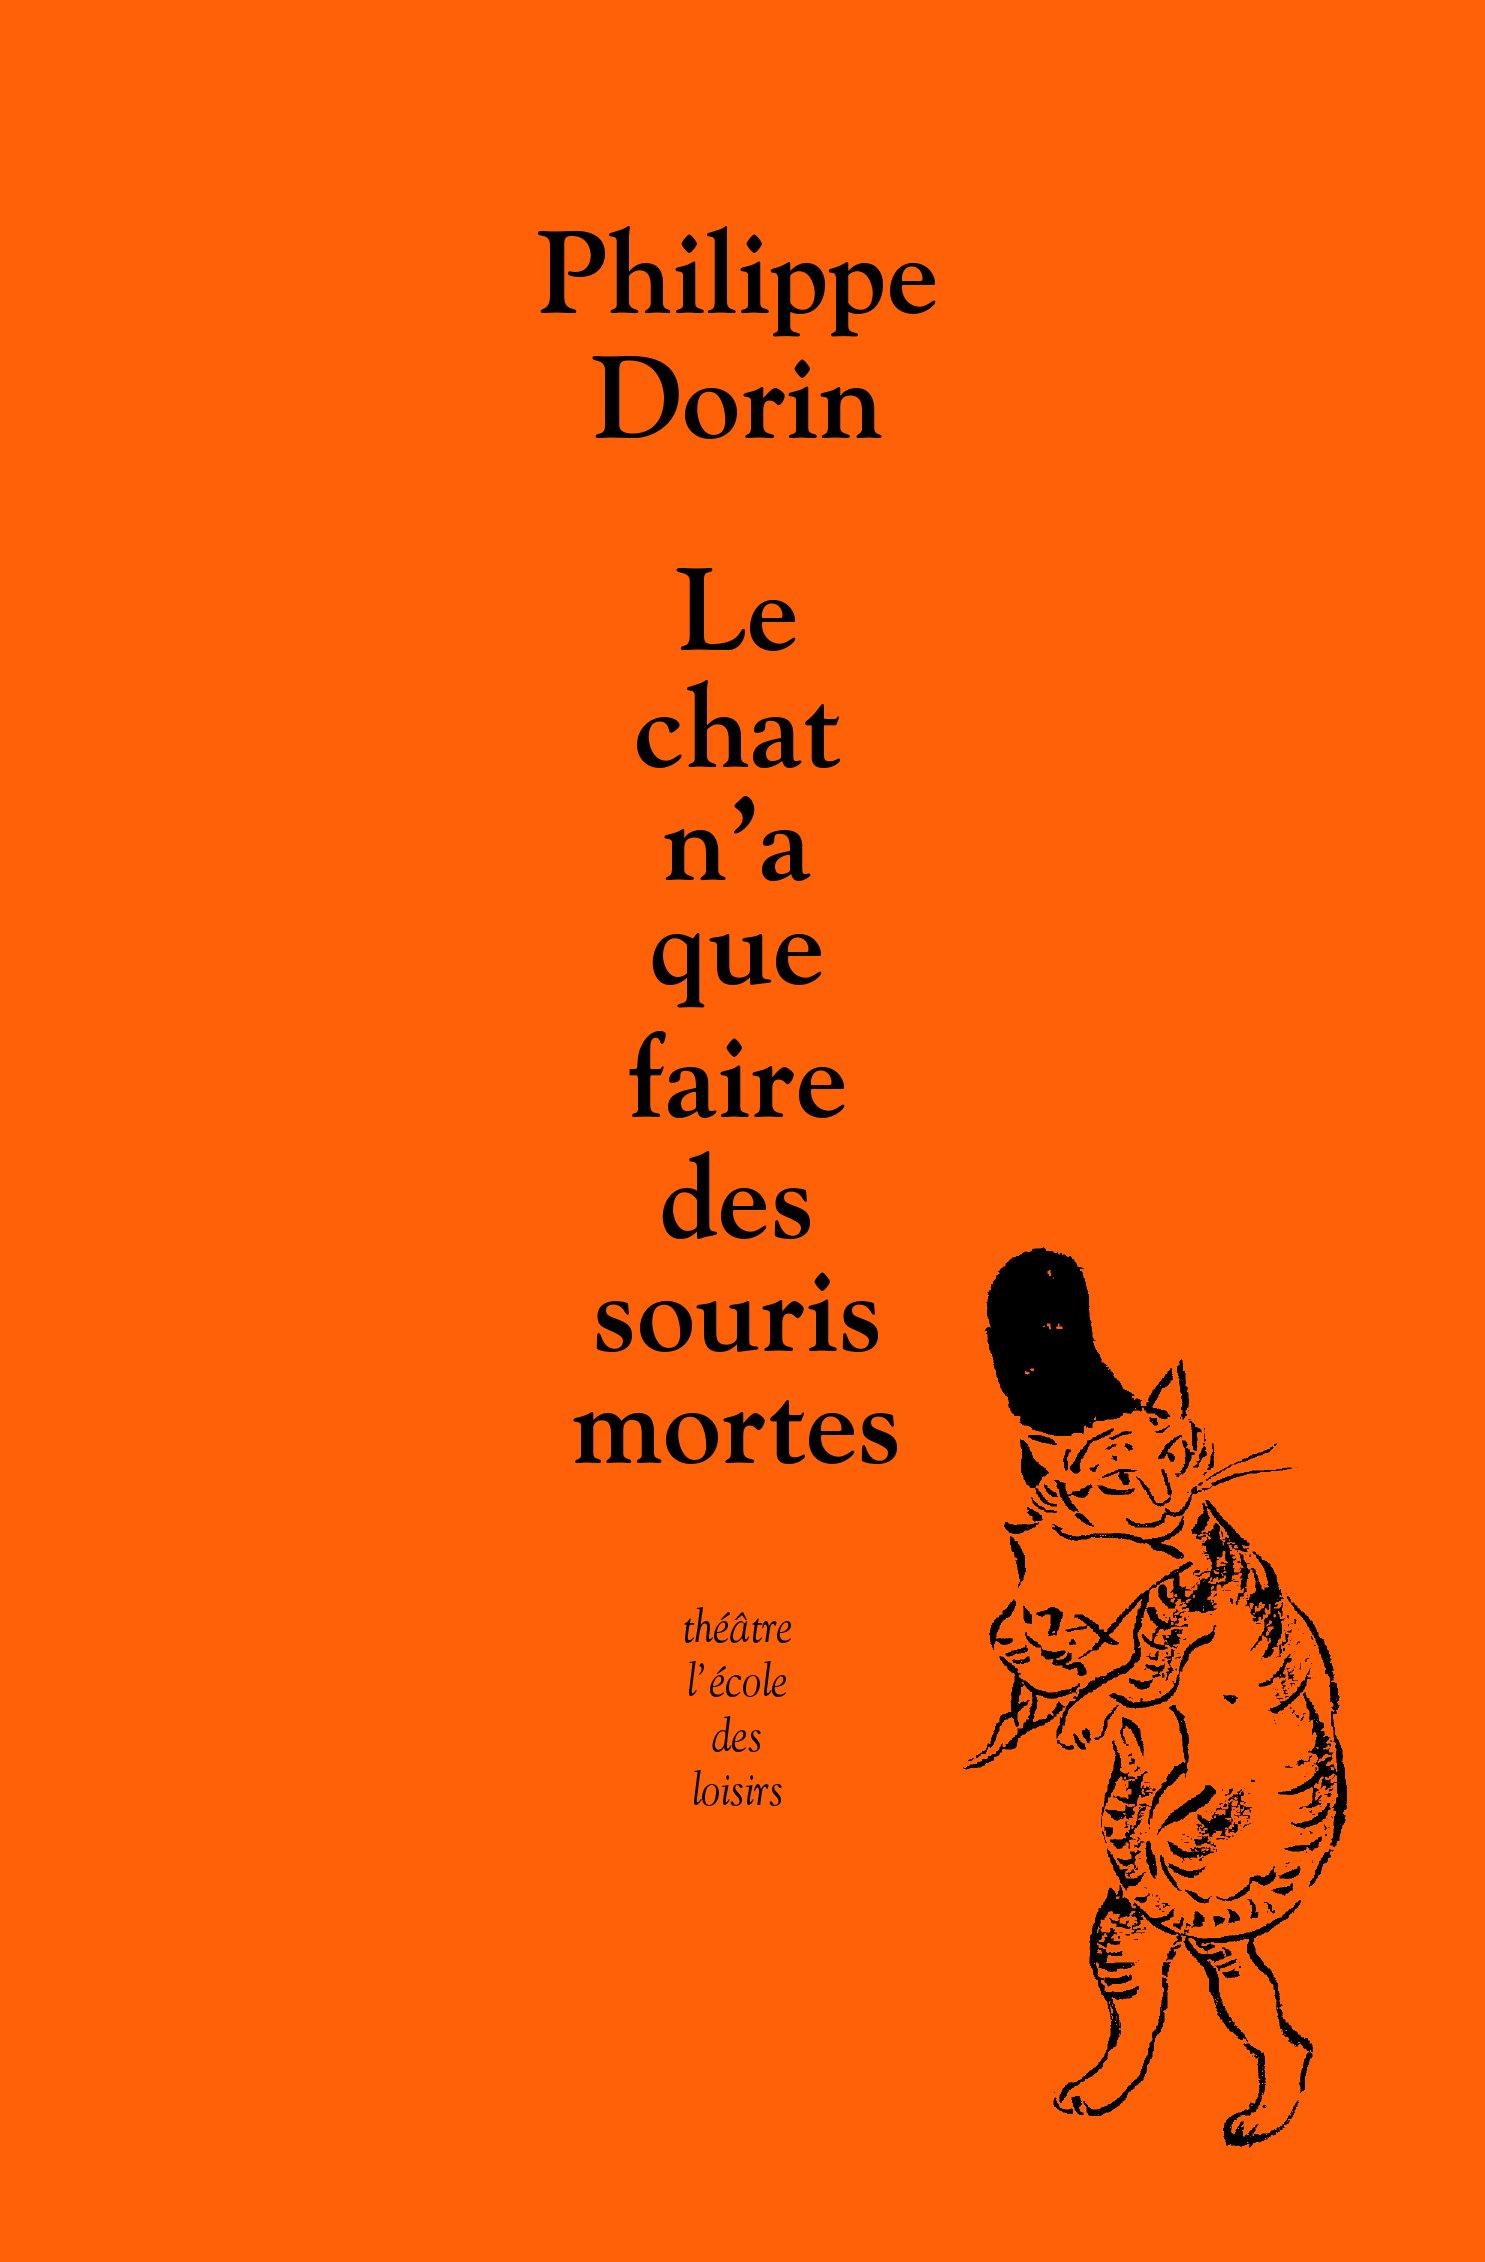 Le chat n'a que faire des souris mortes por Philippe Dorin